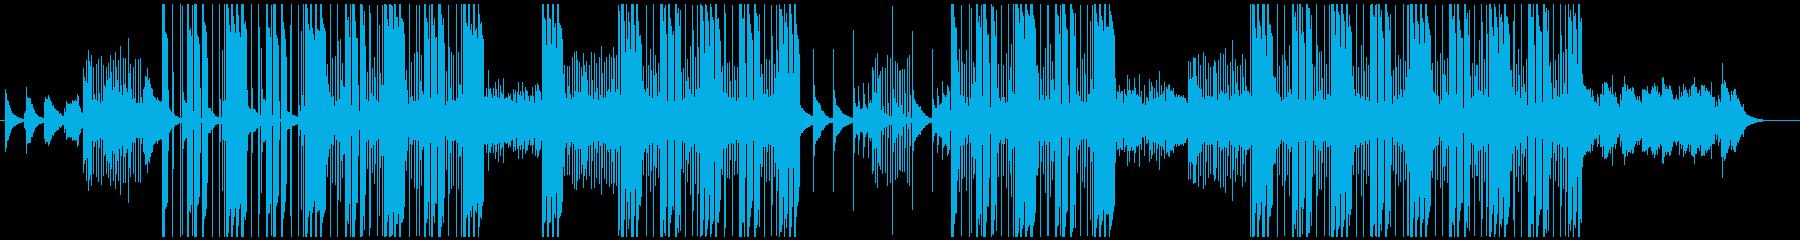 和(琴)とトラップビートの融合の再生済みの波形